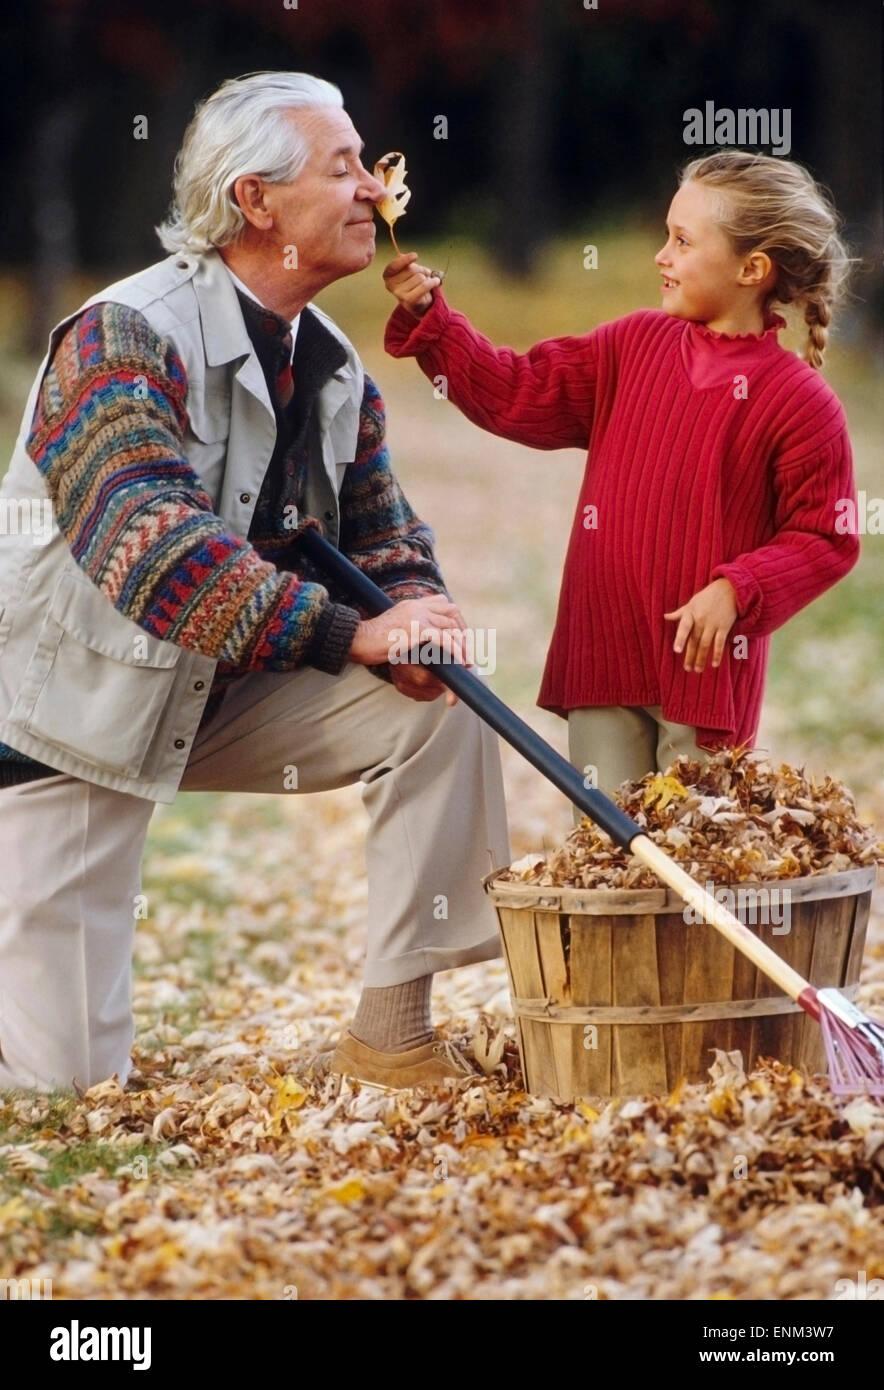 Grand-père et sa petite-fille avec des feuilles Photo Stock